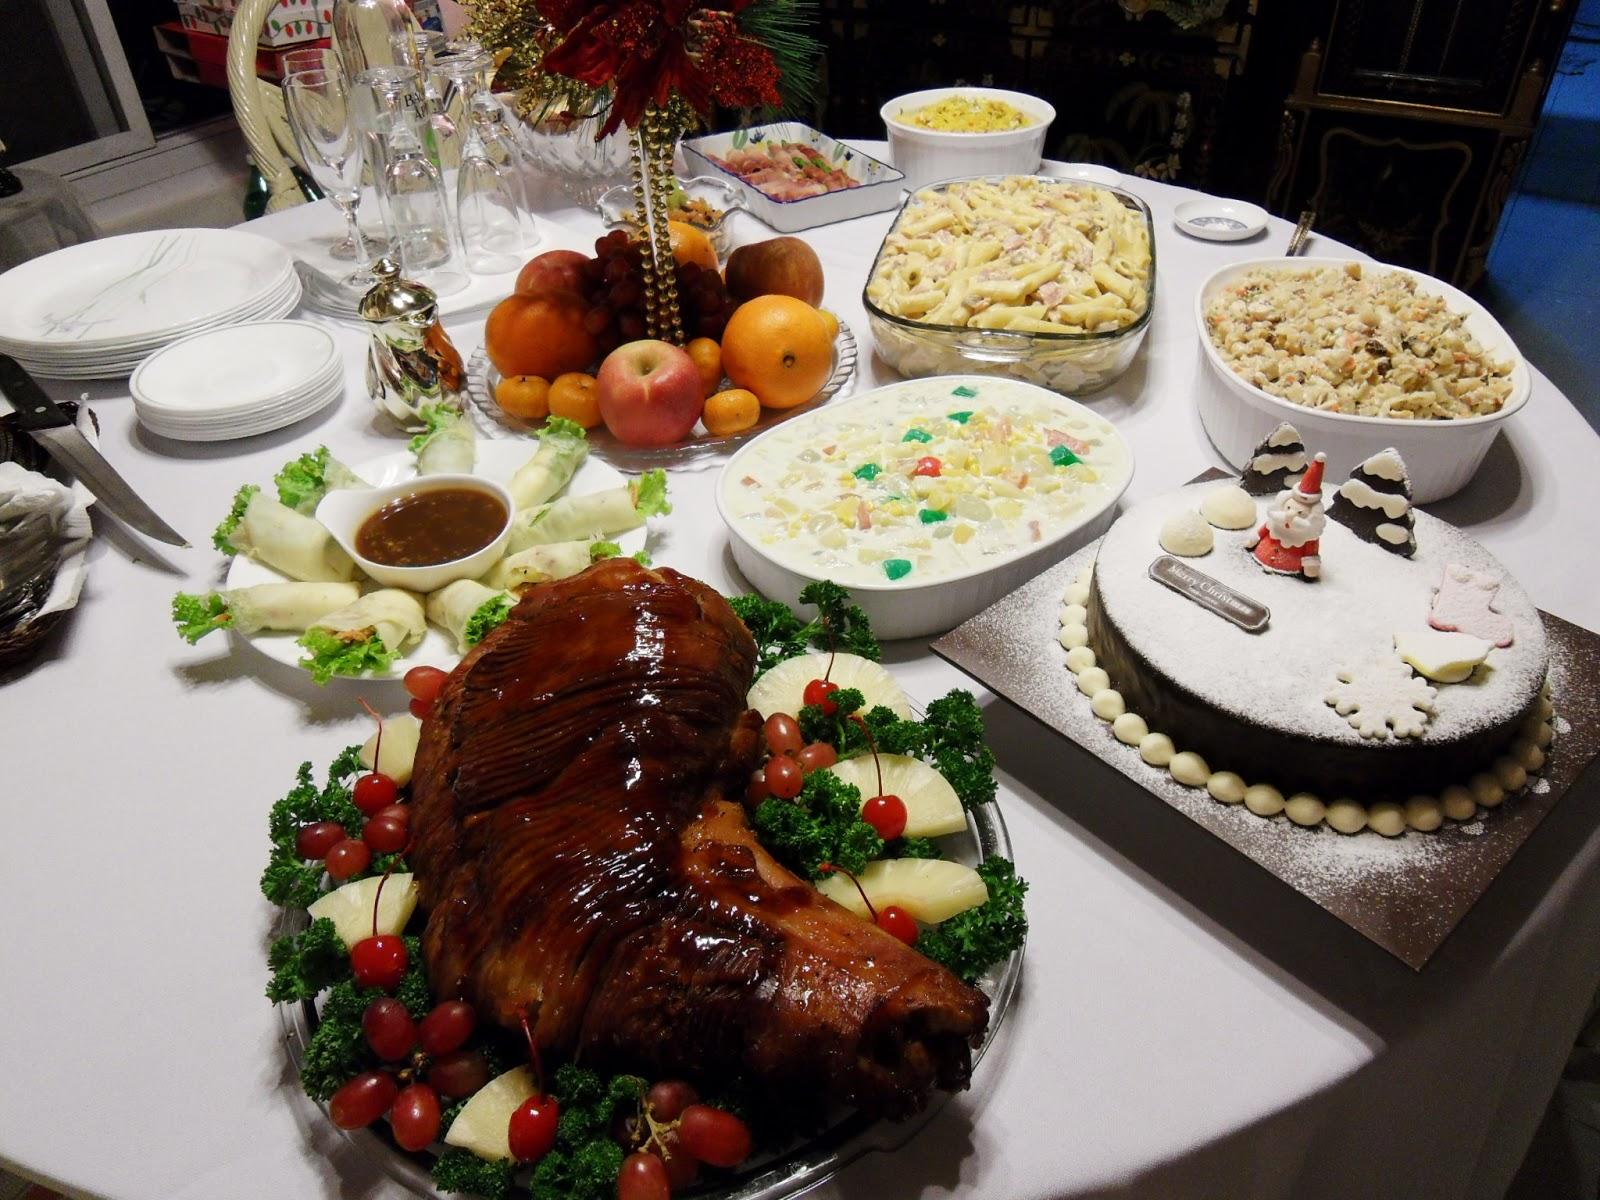 noche buena La nochebuena es la celebración cristiana de la noche en que nació jesús, la noche del 24 de diciembre, [1] víspera del día de navidad (25 de diciembre.